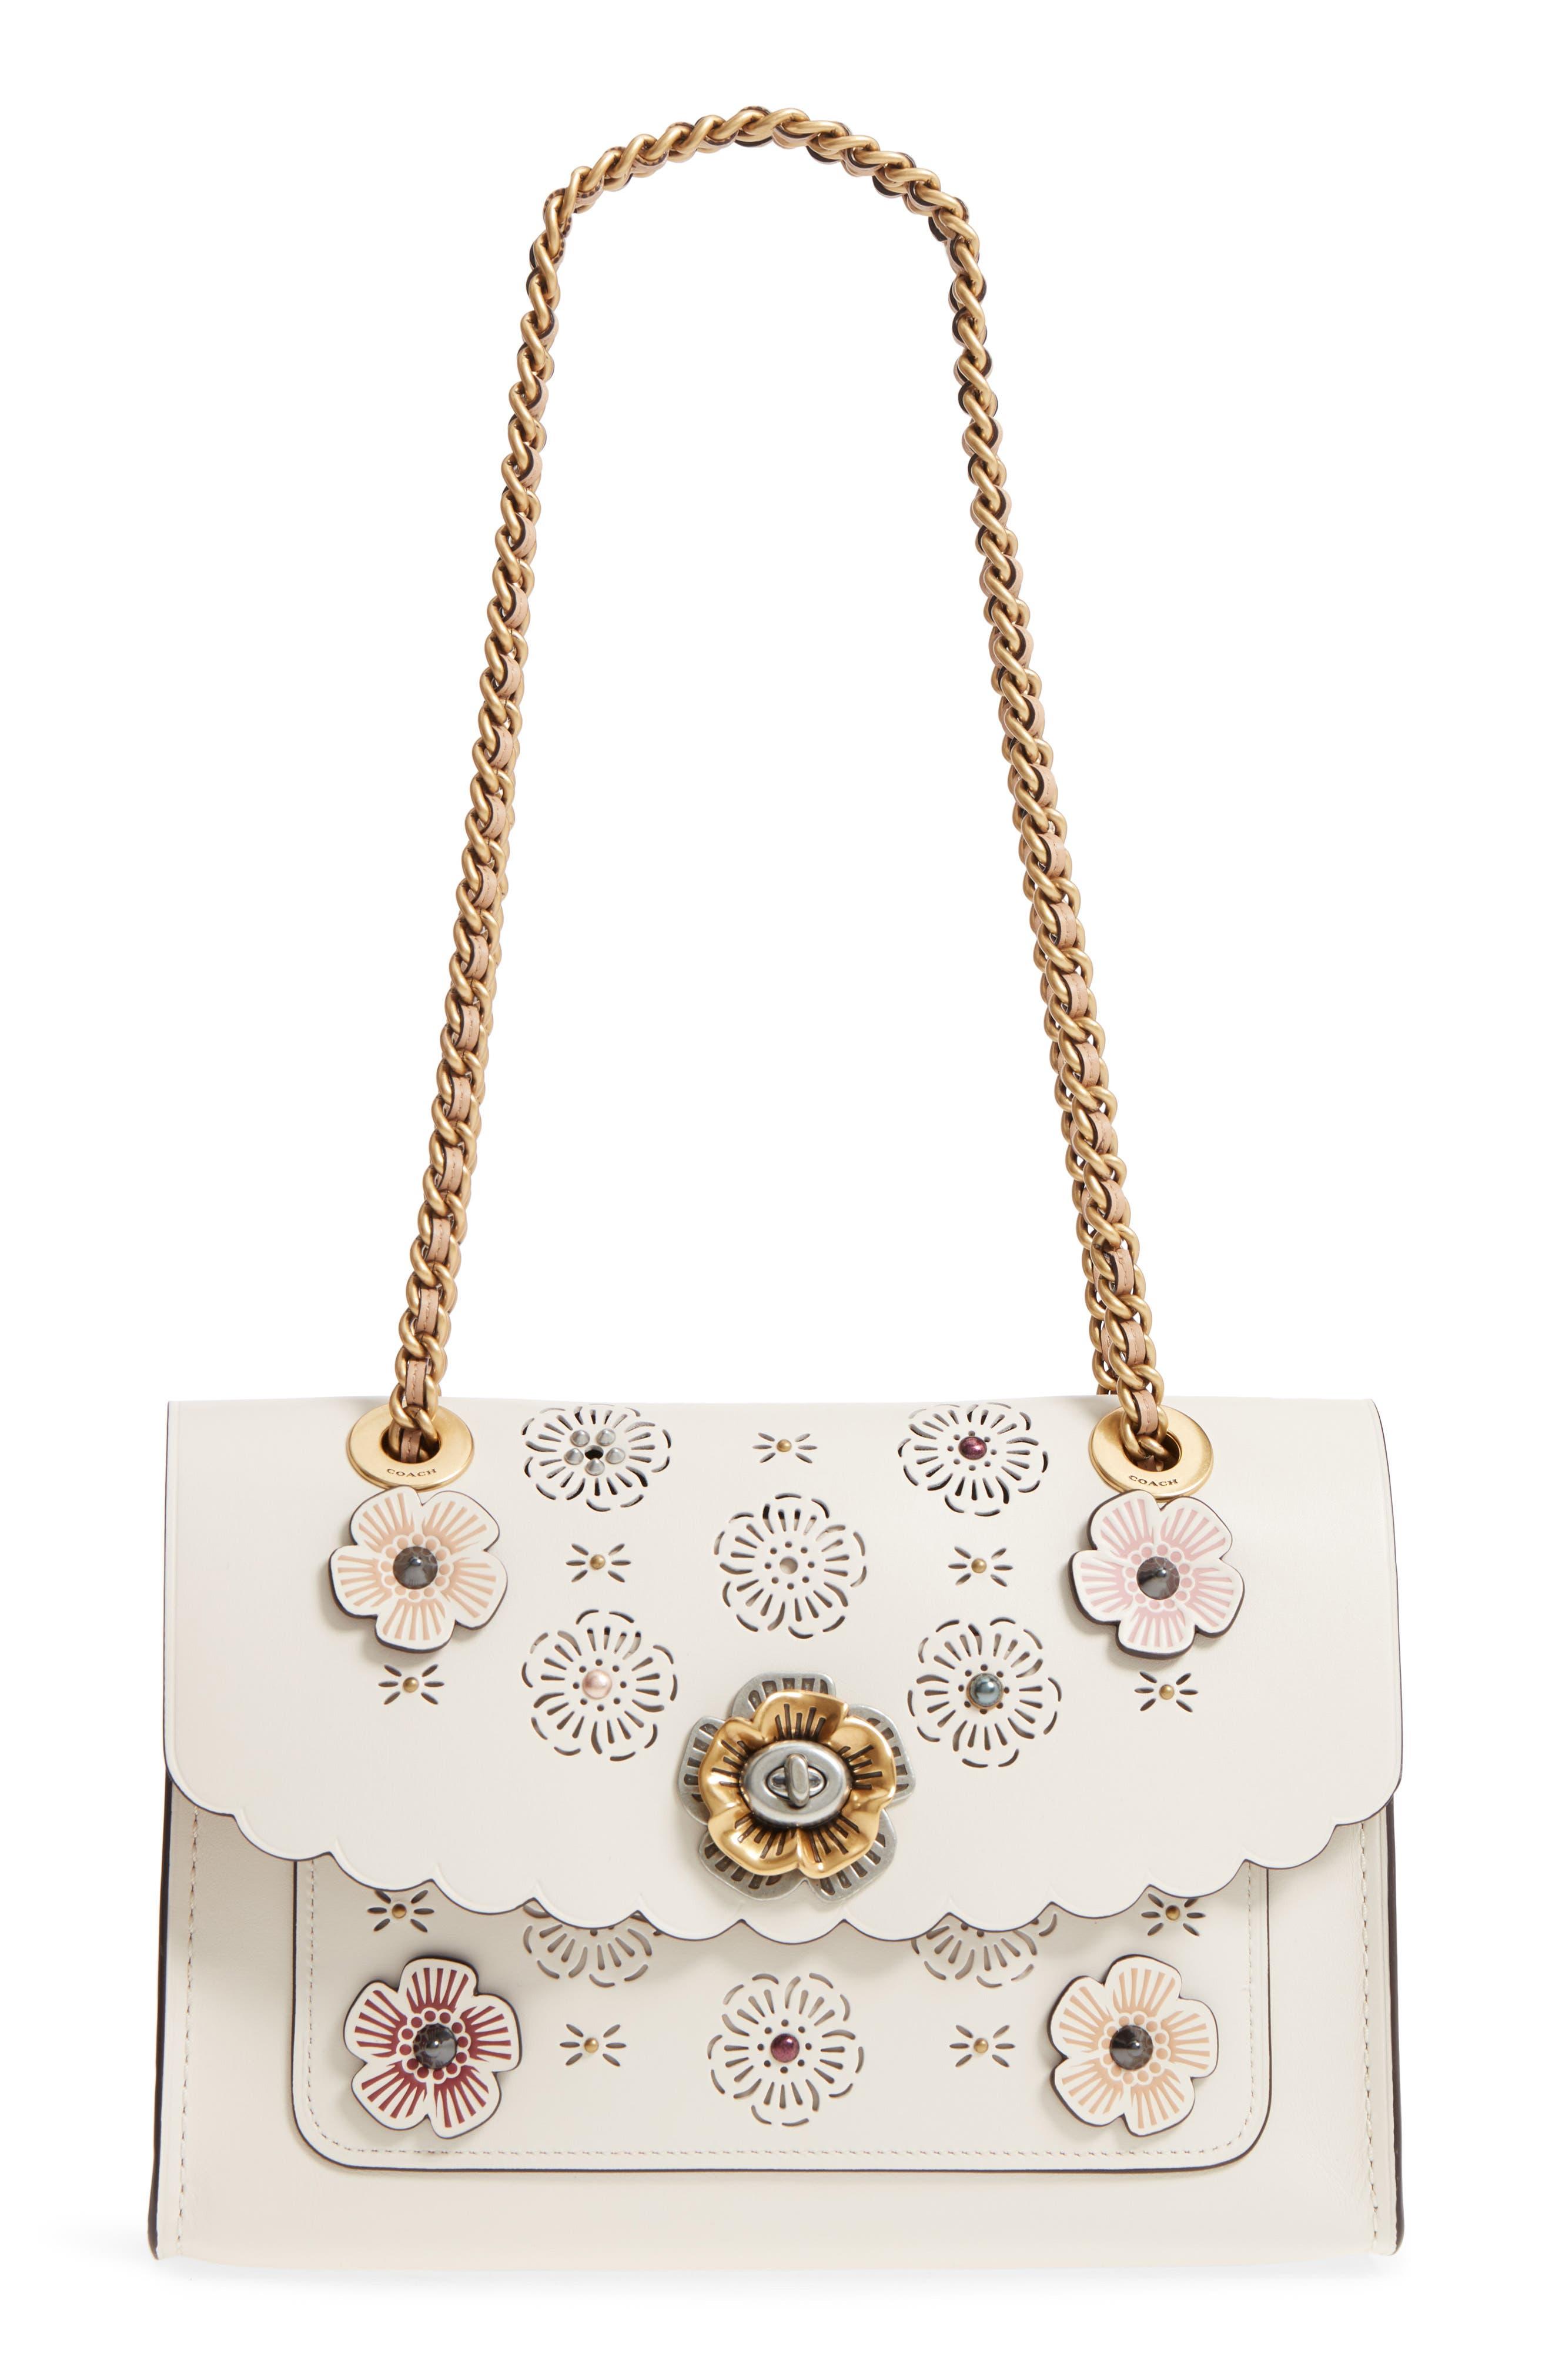 COACH Parker Floral Embellished Leather Shoulder Bag